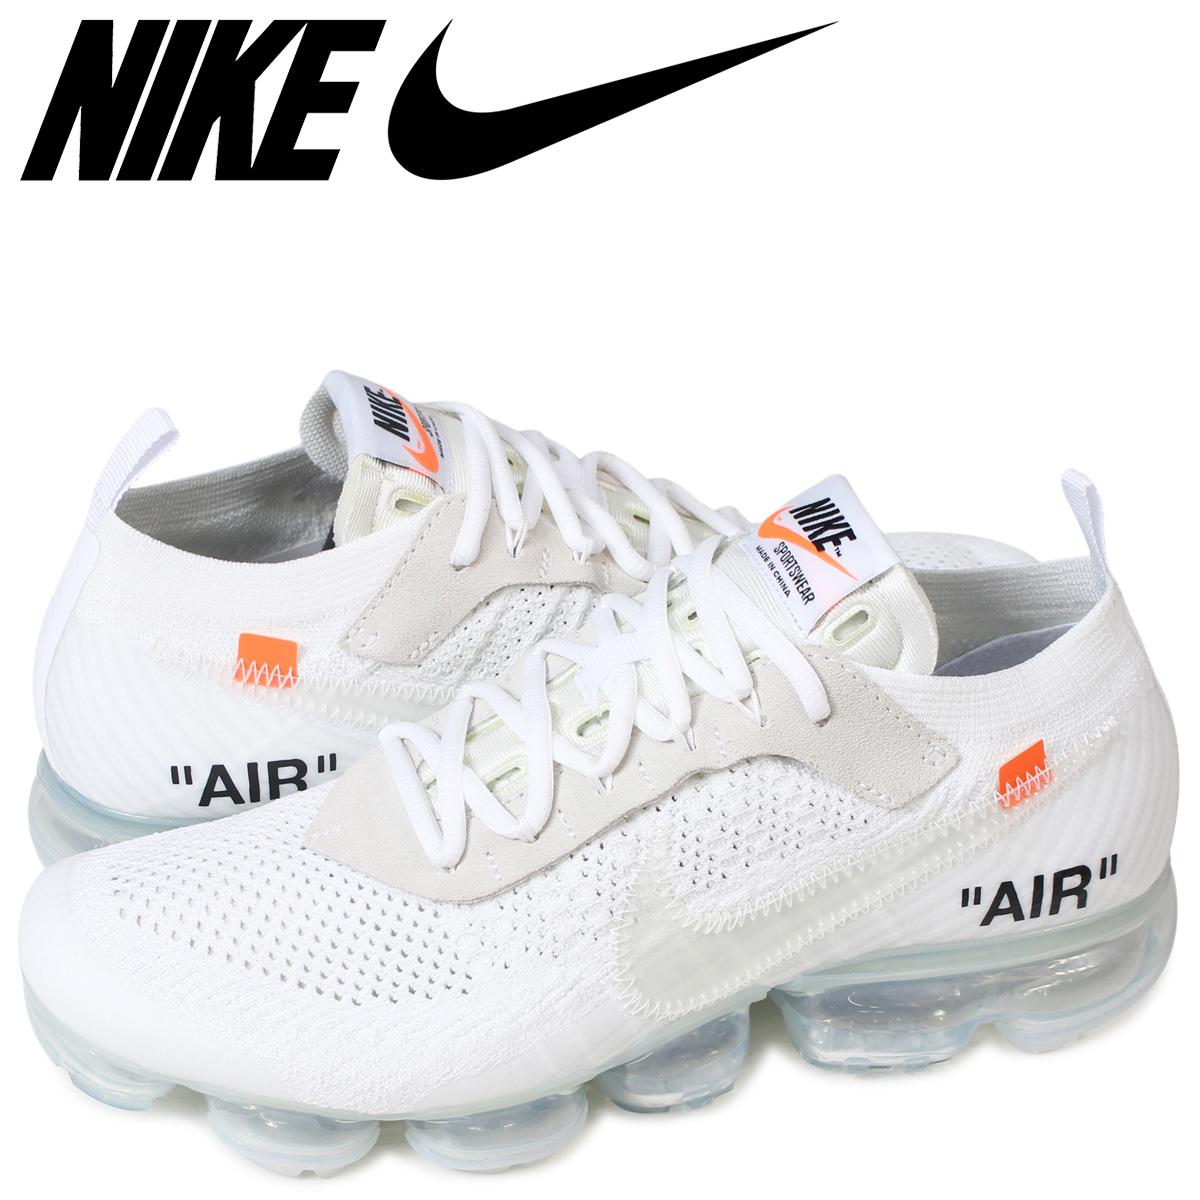 0a6977a2eaf ALLSPORTS  NIKE AIR VAPORMAX FLYKNIT THE TEN Nike air vapor max ...